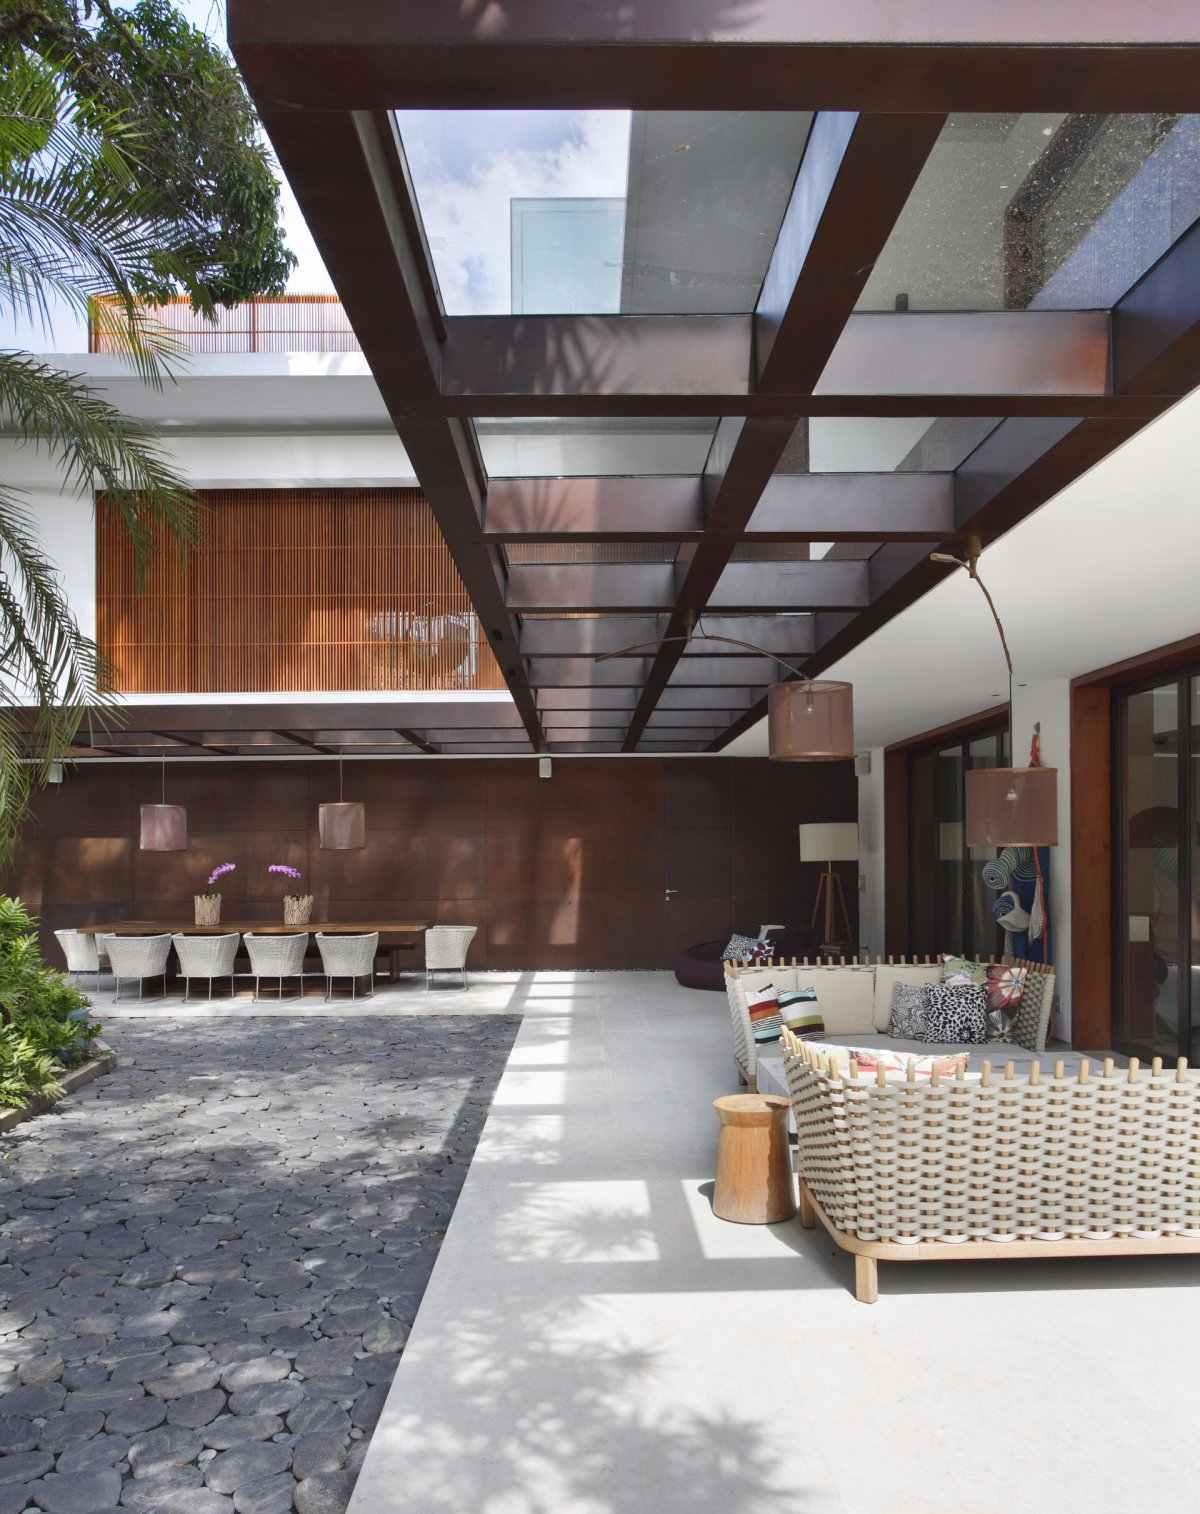 O telhado de vidro define a área de circulação externa da casa